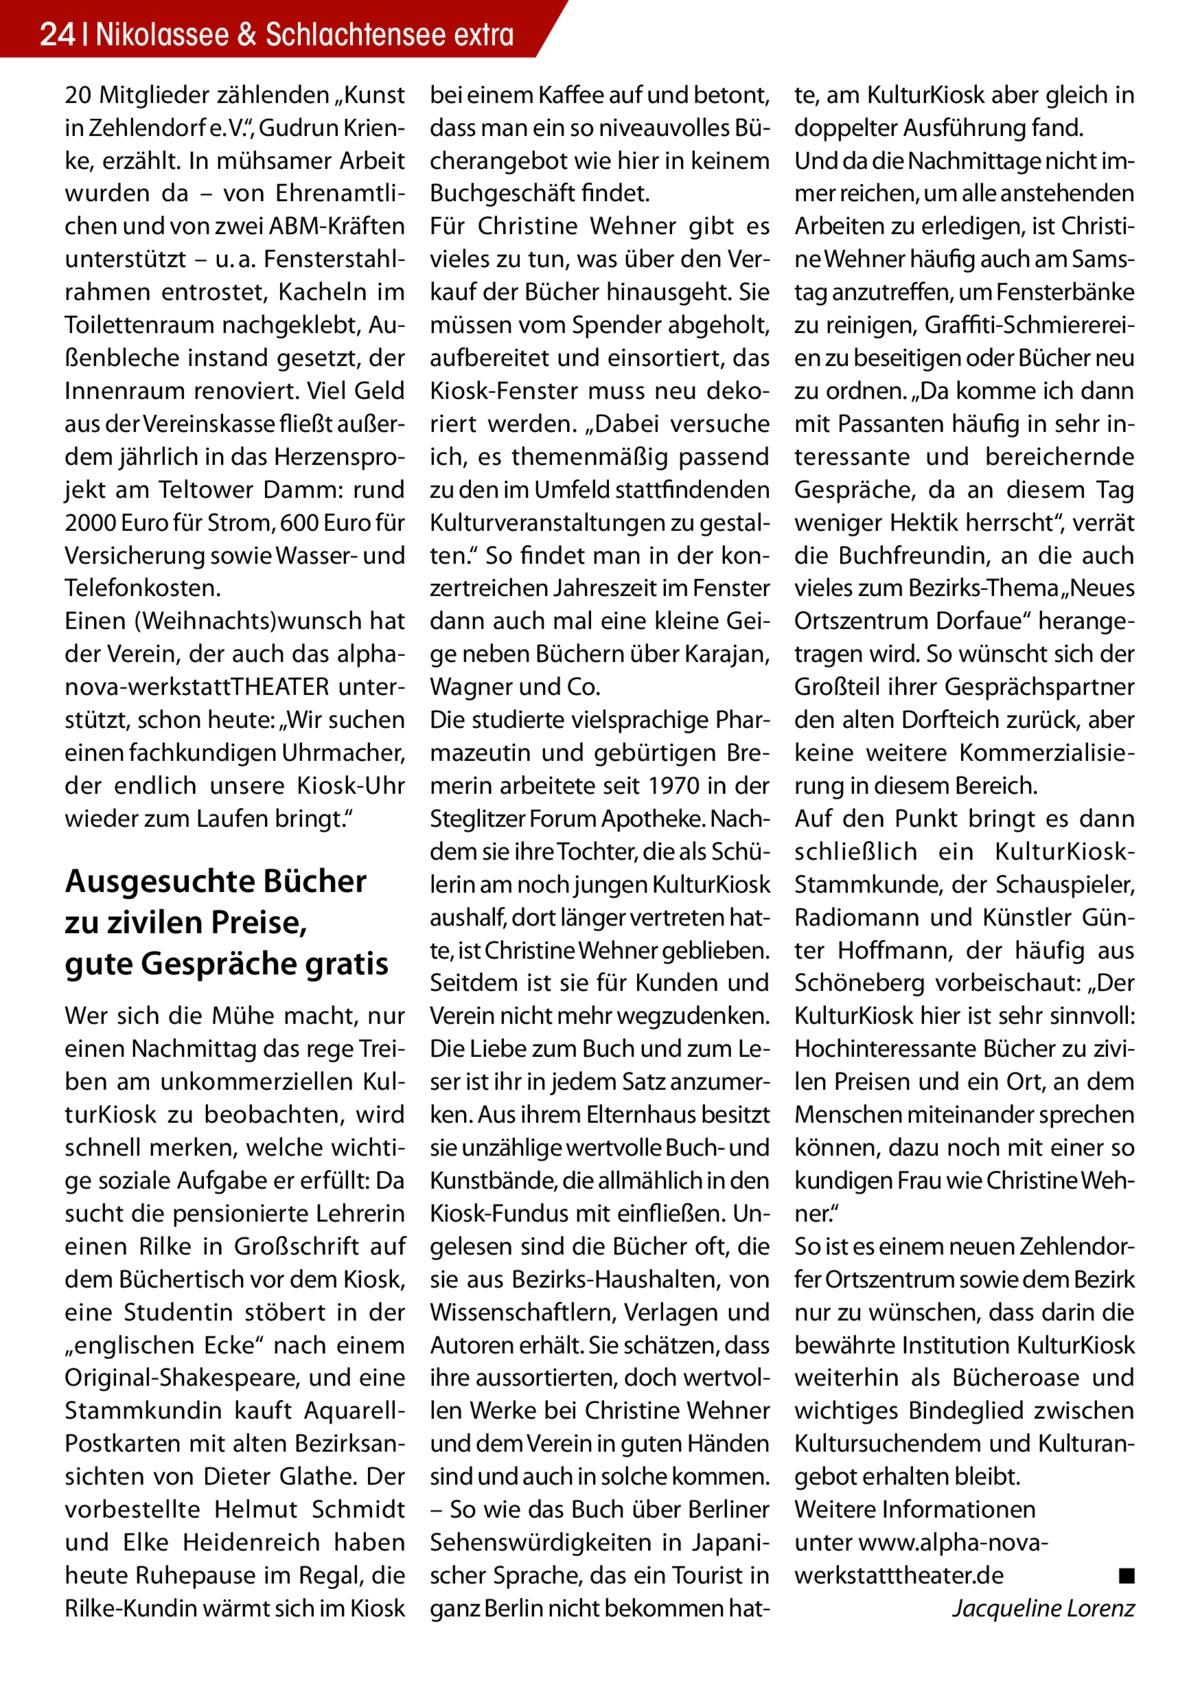 """24 Nikolassee & Schlachtensee extra 20 Mitglieder zählenden """"Kunst in Zehlendorf e.V."""", Gudrun Krienke, erzählt. In mühsamer Arbeit wurden da – von Ehrenamtlichen und von zwei ABM-Kräften unterstützt – u.a. Fensterstahlrahmen entrostet, Kacheln im Toilettenraum nachgeklebt, Außenbleche instand gesetzt, der Innenraum renoviert. Viel Geld aus der Vereinskasse fließt außerdem jährlich in das Herzensprojekt am Teltower Damm: rund 2000Euro für Strom, 600Euro für Versicherung sowie Wasser- und Telefonkosten. Einen (Weihnachts)wunsch hat der Verein, der auch das alphanova-werkstattTHEATER unterstützt, schon heute: """"Wir suchen einen fachkundigen Uhrmacher, der endlich unsere Kiosk-Uhr wieder zum Laufen bringt.""""  Ausgesuchte Bücher zu zivilen Preise, gute Gespräche gratis Wer sich die Mühe macht, nur einen Nachmittag das rege Treiben am unkommerziellen KulturKiosk zu beobachten, wird schnell merken, welche wichtige soziale Aufgabe er erfüllt: Da sucht die pensionierte Lehrerin einen Rilke in Großschrift auf dem Büchertisch vor dem Kiosk, eine Studentin stöbert in der """"englischen Ecke"""" nach einem Original-Shakespeare, und eine Stammkundin kauft AquarellPostkarten mit alten Bezirksansichten von Dieter Glathe. Der vorbestellte Helmut Schmidt und Elke Heidenreich haben heute Ruhepause im Regal, die Rilke-Kundin wärmt sich im Kiosk  bei einem Kaffee auf und betont, dass man ein so niveauvolles Bücherangebot wie hier in keinem Buchgeschäft findet. Für Christine Wehner gibt es vieles zu tun, was über den Verkauf der Bücher hinausgeht. Sie müssen vom Spender abgeholt, aufbereitet und einsortiert, das Kiosk-Fenster muss neu dekoriert werden. """"Dabei versuche ich, es themenmäßig passend zu den im Umfeld stattfindenden Kulturveranstaltungen zu gestalten."""" So findet man in der konzertreichen Jahreszeit im Fenster dann auch mal eine kleine Geige neben Büchern über Karajan, Wagner und Co. Die studierte vielsprachige Pharmazeutin und gebürtigen Bremerin arbeitete seit 1970 in der Steglitzer"""